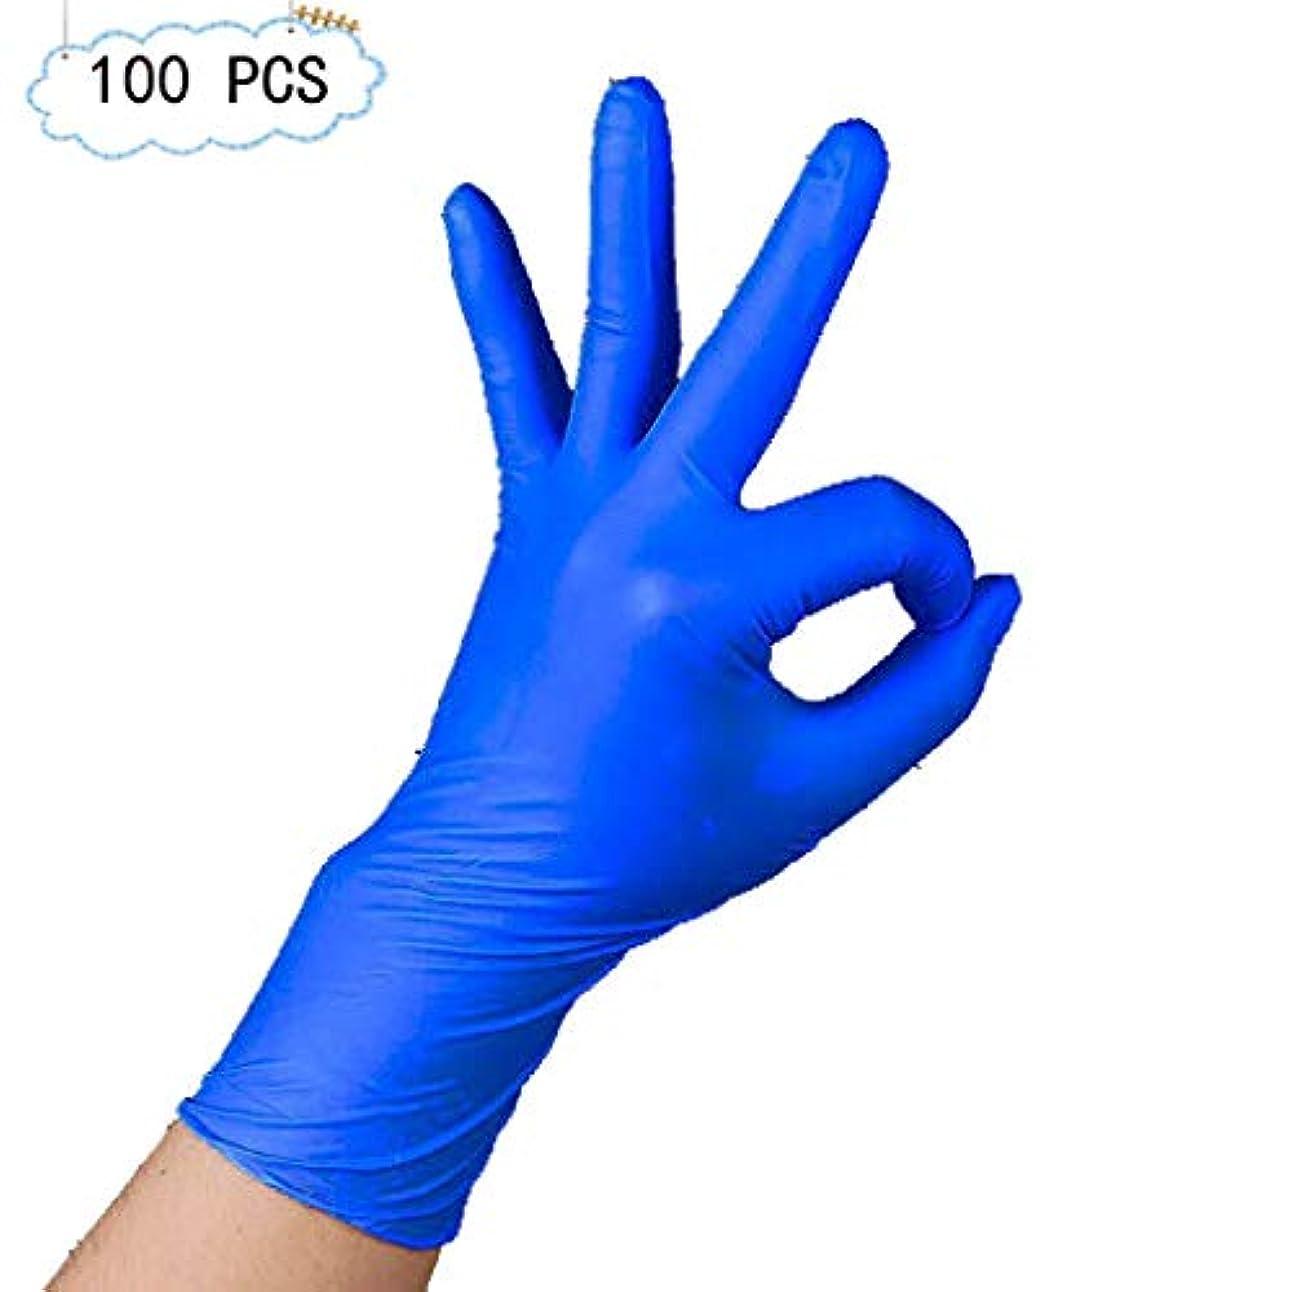 絶望ラリーミッションニトリル手袋、フルヘンプ増粘、滑り止め使い捨て手袋ペットケアネイルアート検査保護実験、ビューティーサロンラテックスフリー、ダークブルーパウダーフリー、100個 (Size : M)